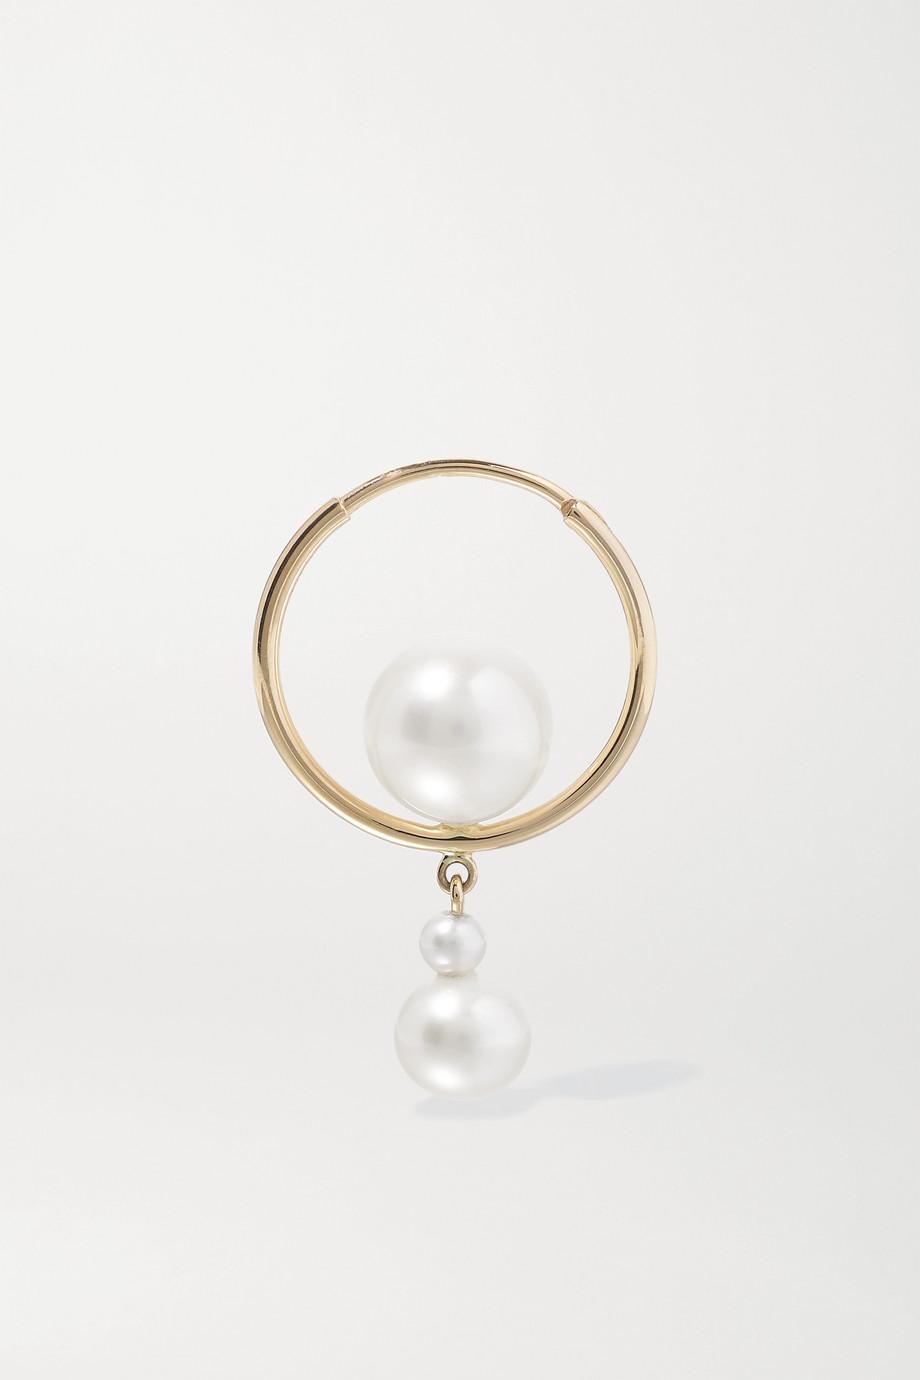 Sophie Bille Brahe Boucle d'oreille en or 14 carats et perles Babylon Elipse